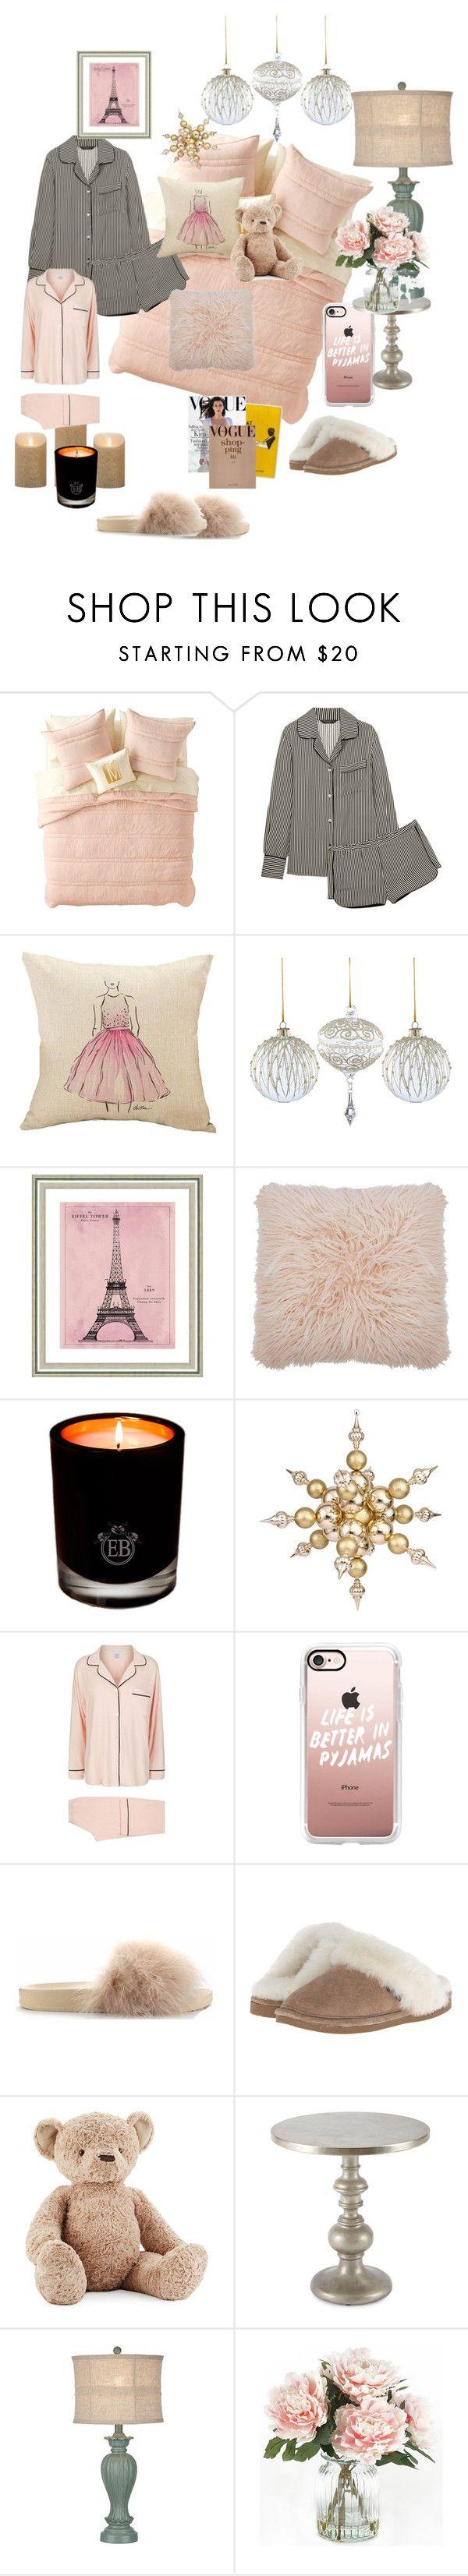 ber ideen zu pyjama party auf pinterest m dchen. Black Bedroom Furniture Sets. Home Design Ideas